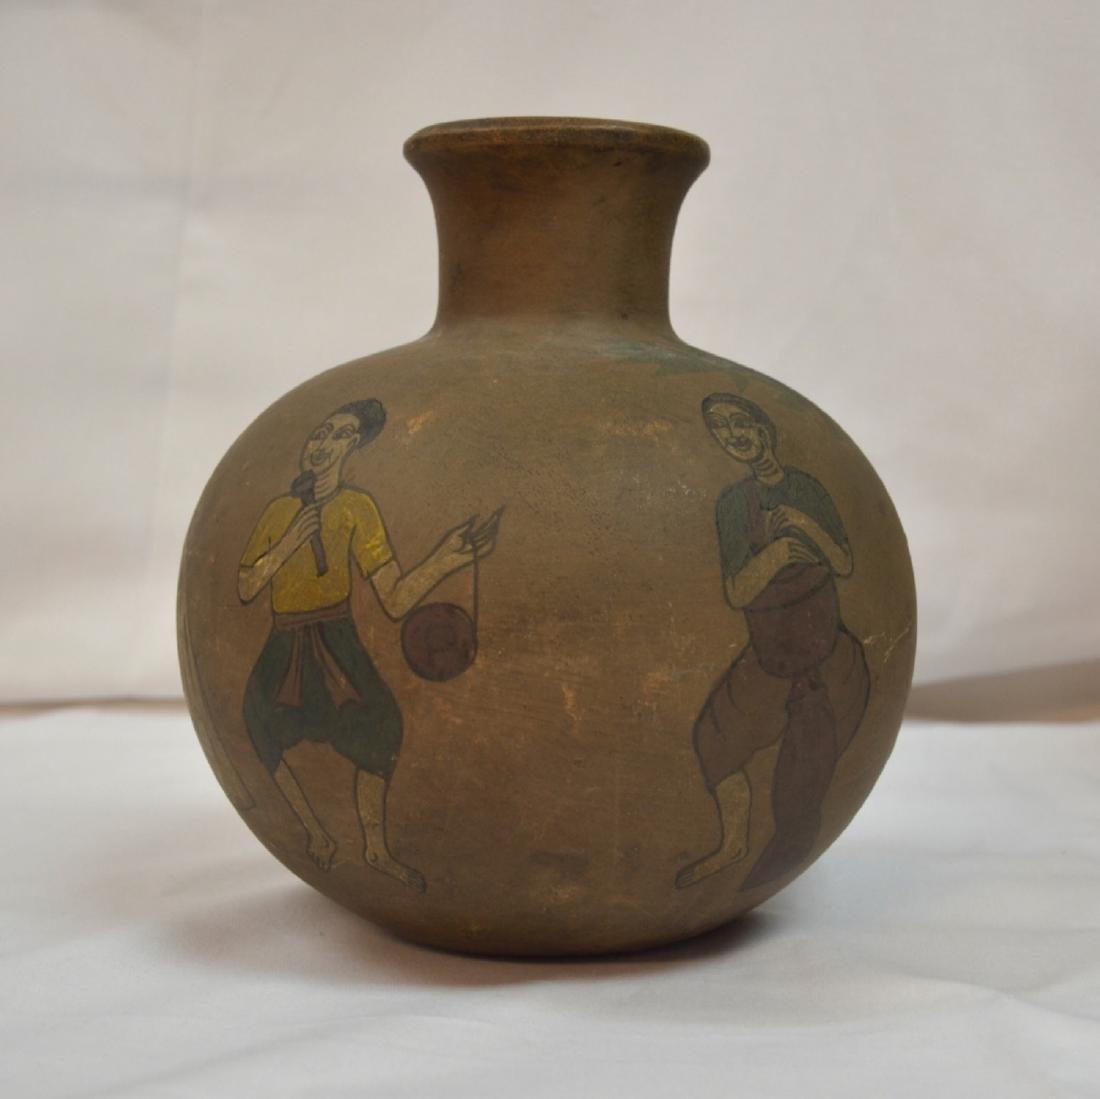 Rare handpainted Ceramic vessel, origin unknown, signed